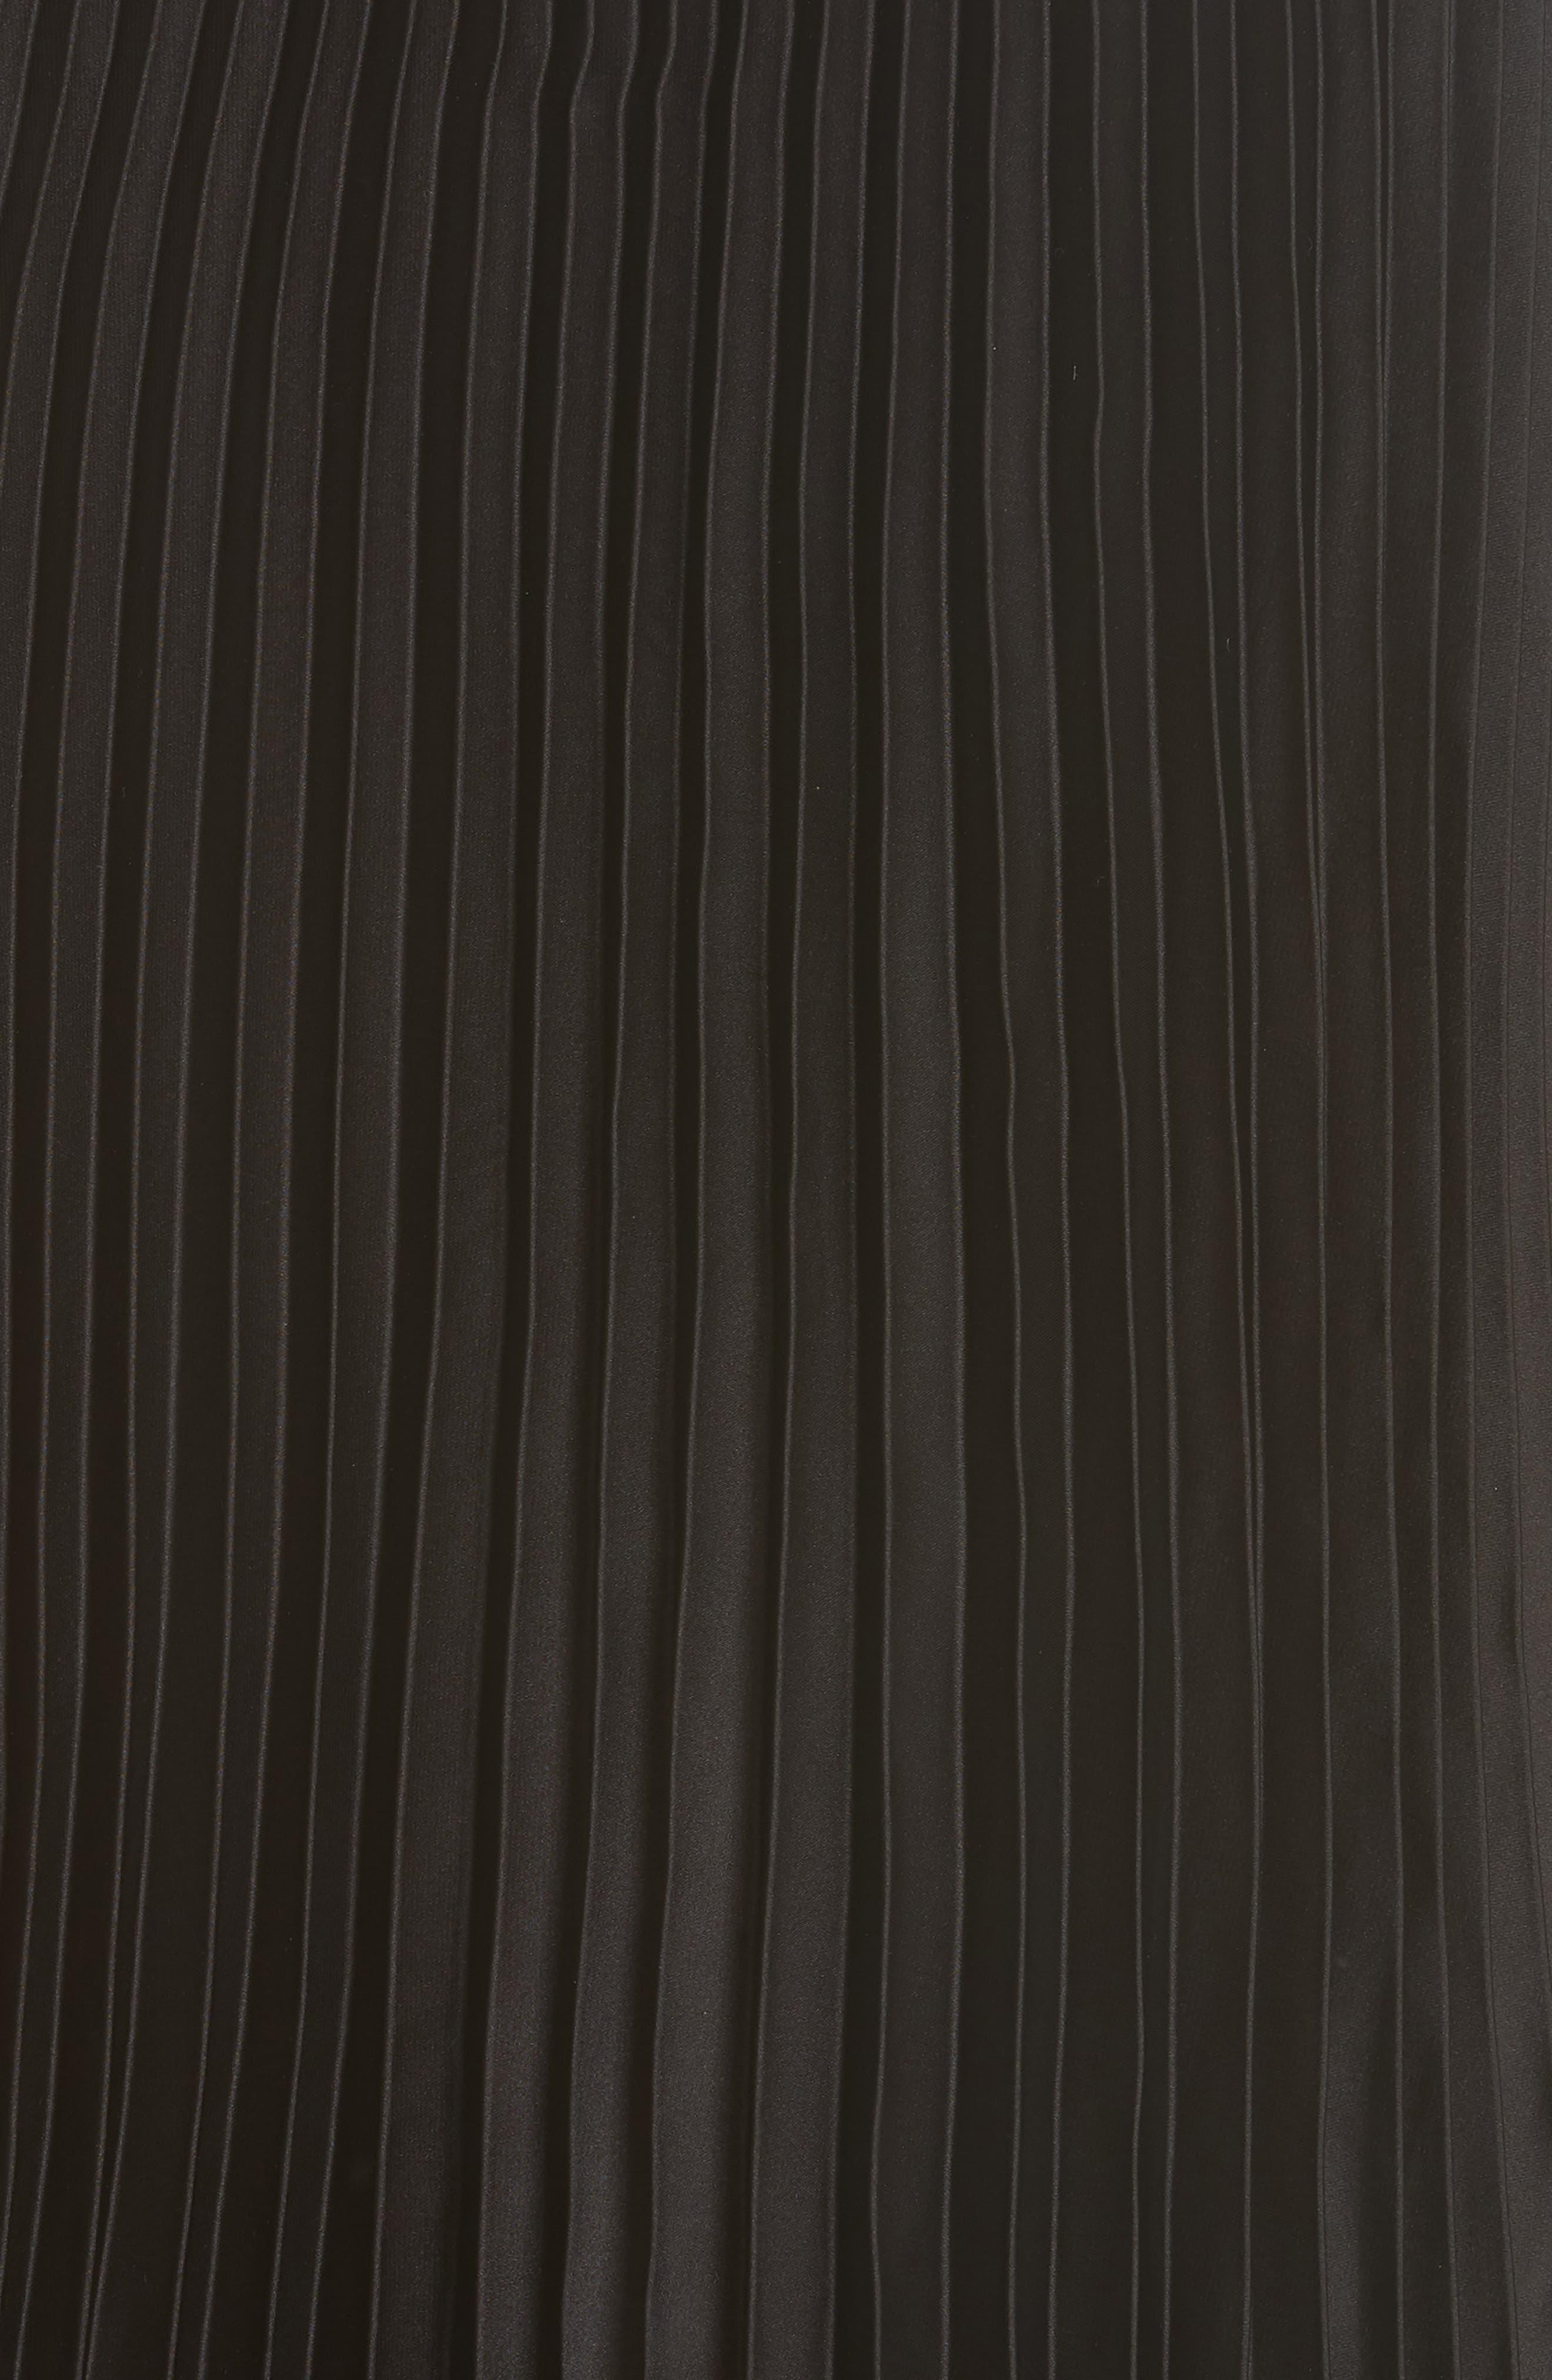 Pleat Back Midi Dress,                             Alternate thumbnail 5, color,                             001